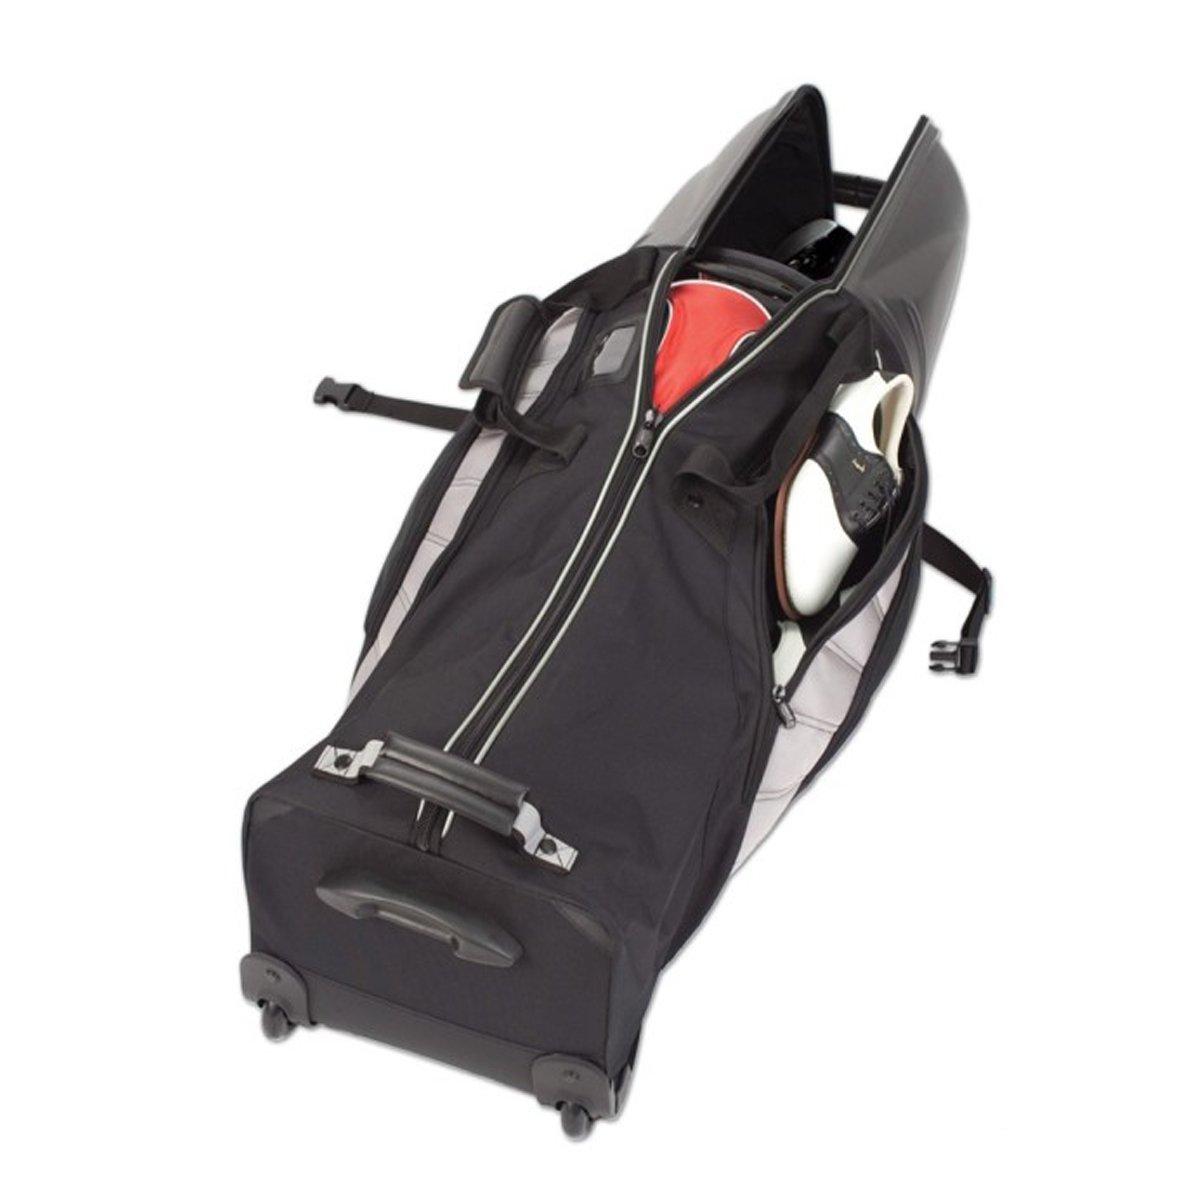 Amazon.com: PLAYEAGLE - Funda rígida para palos de golf ...